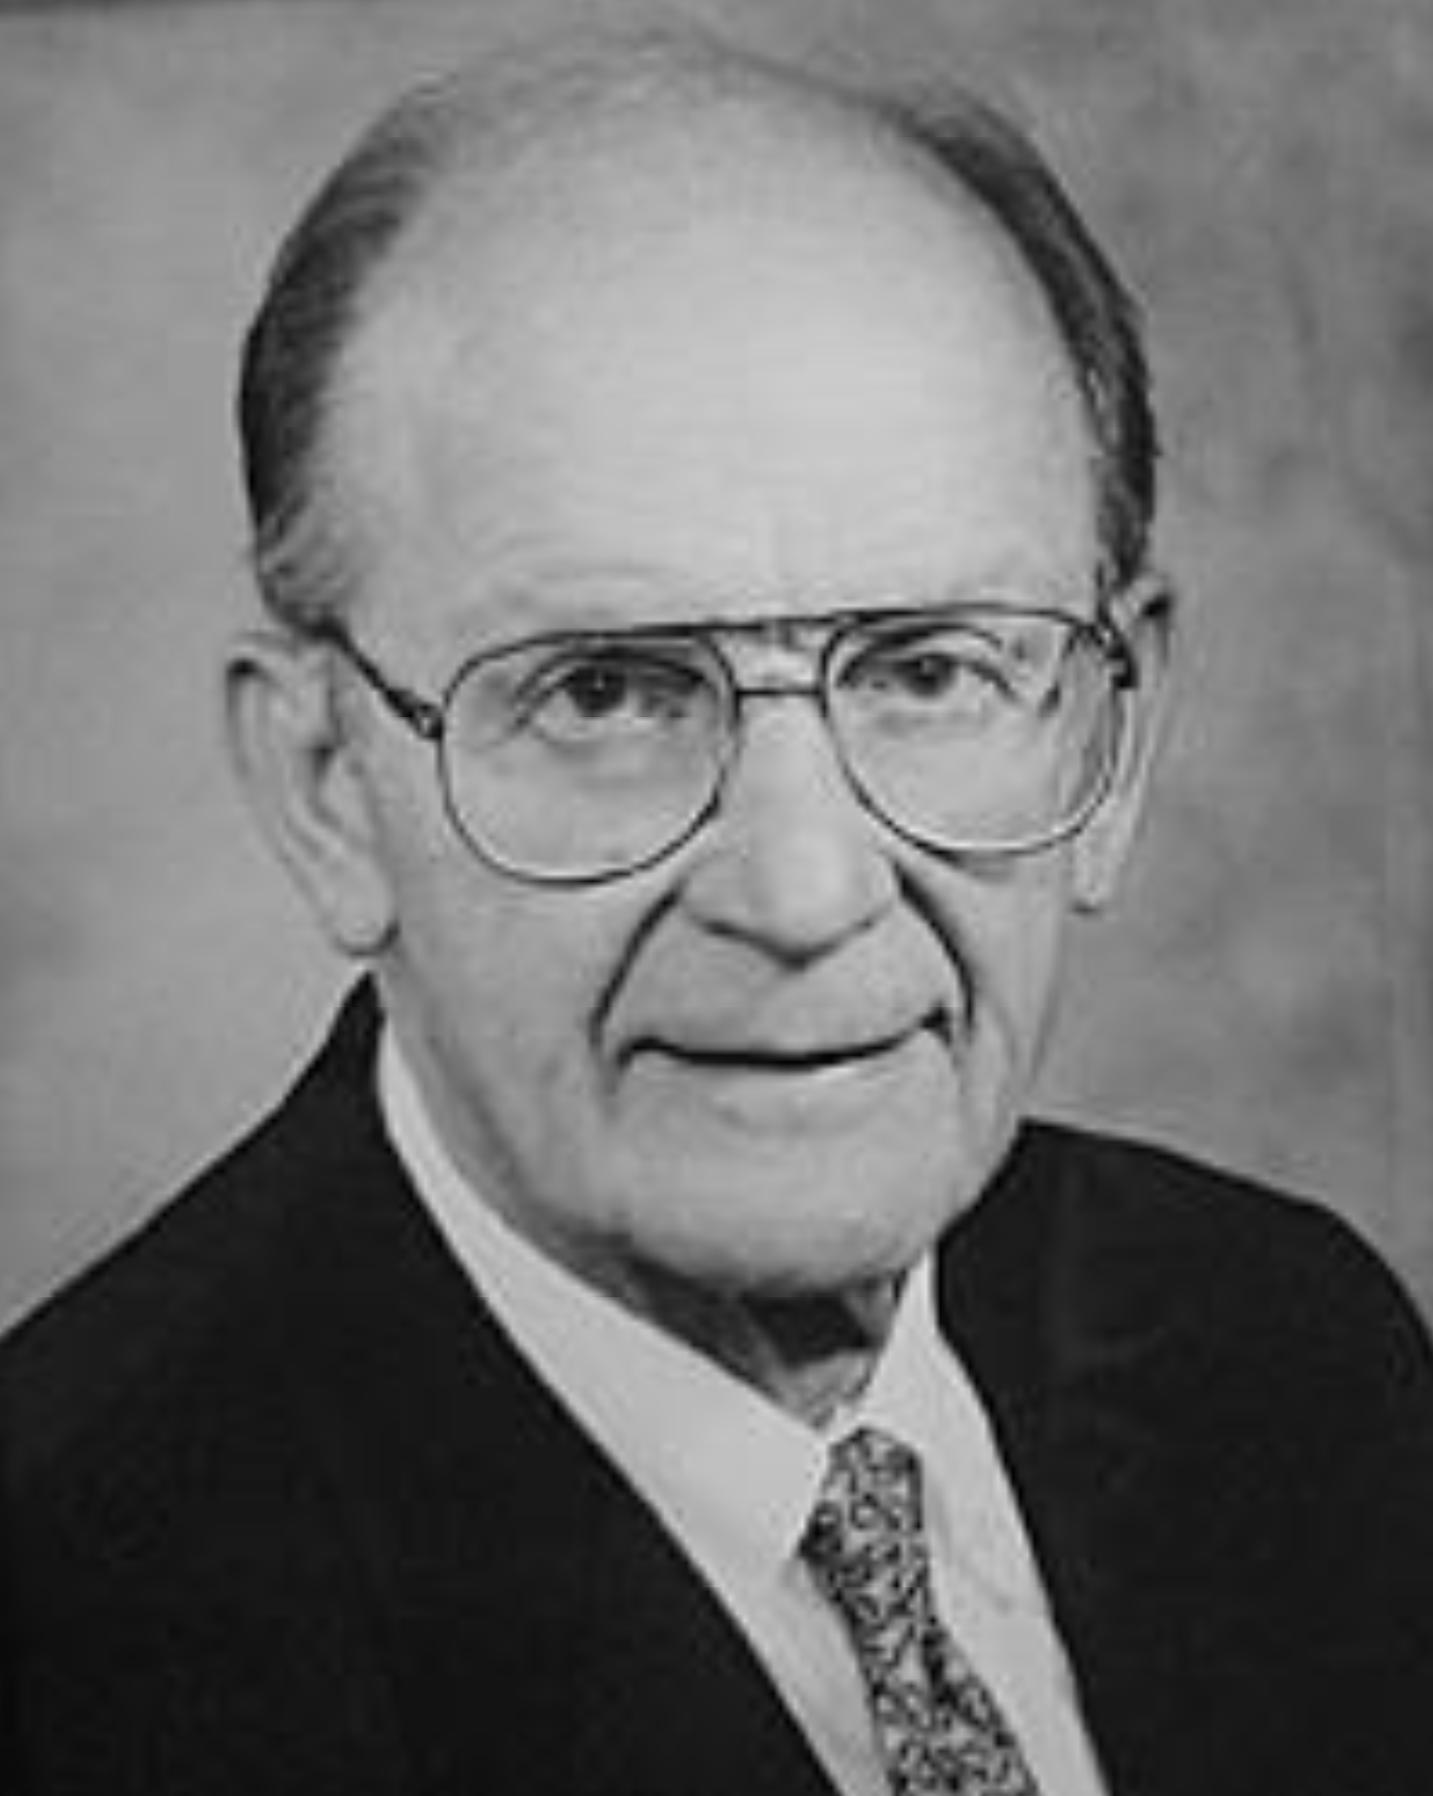 RICHARD D. SMITH